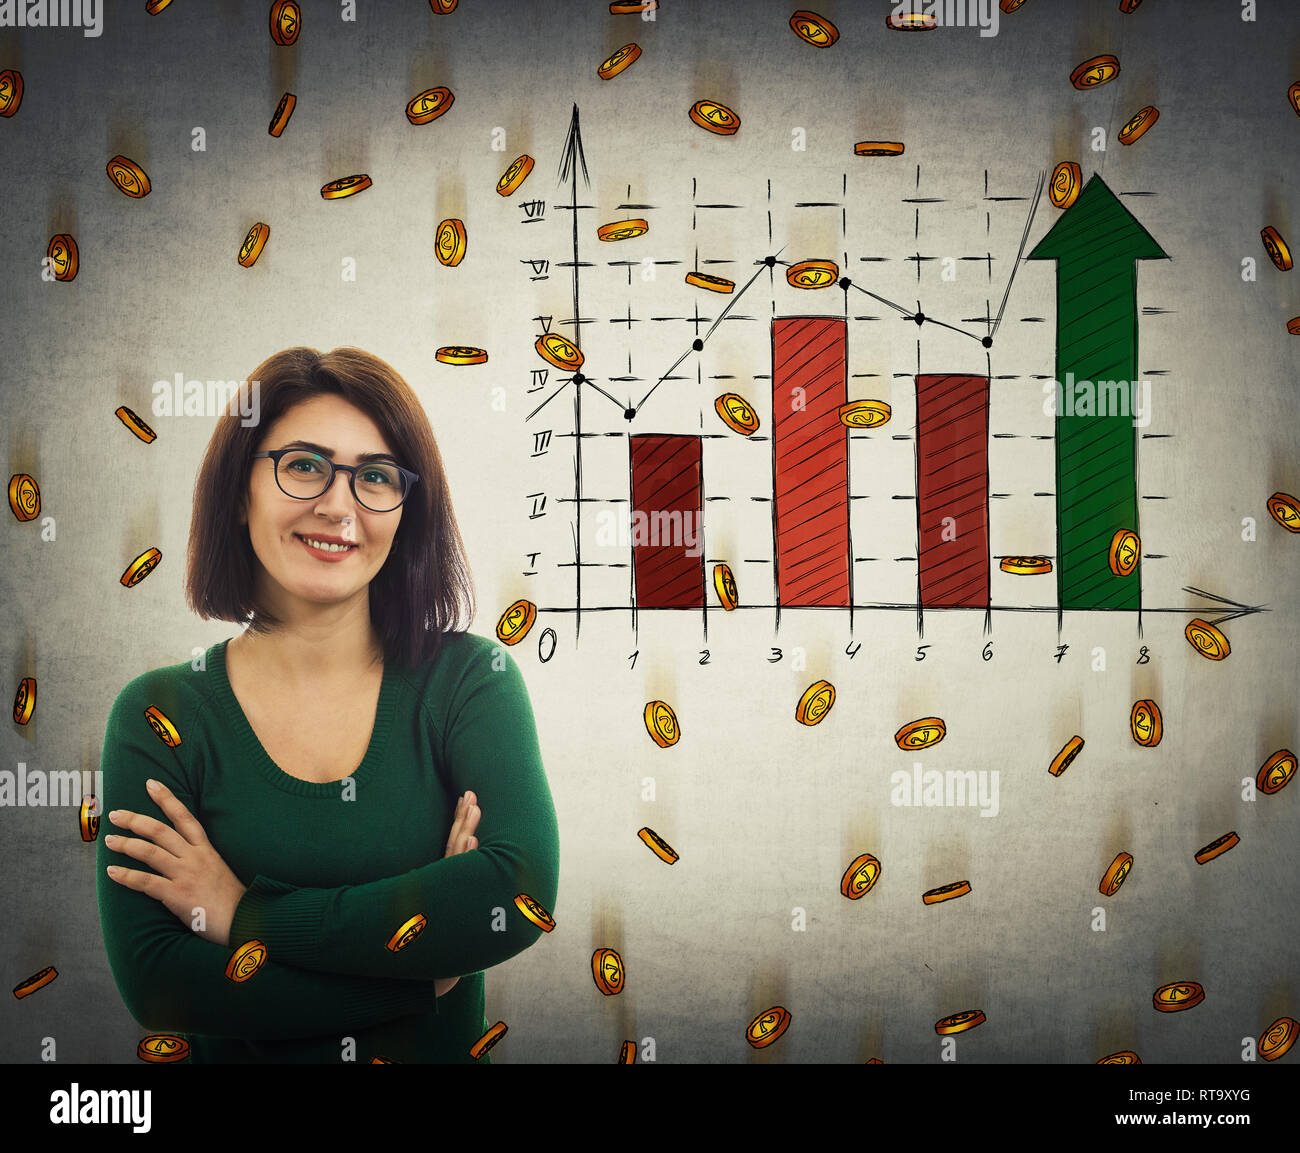 Lässige junge Frau mit Brille, die Arme verschränkt, breit lächelnd wie finanicial Graph anheben und goldenen Münzen fallen als Geld regnen. Wirtschaft Ohr Stockbild